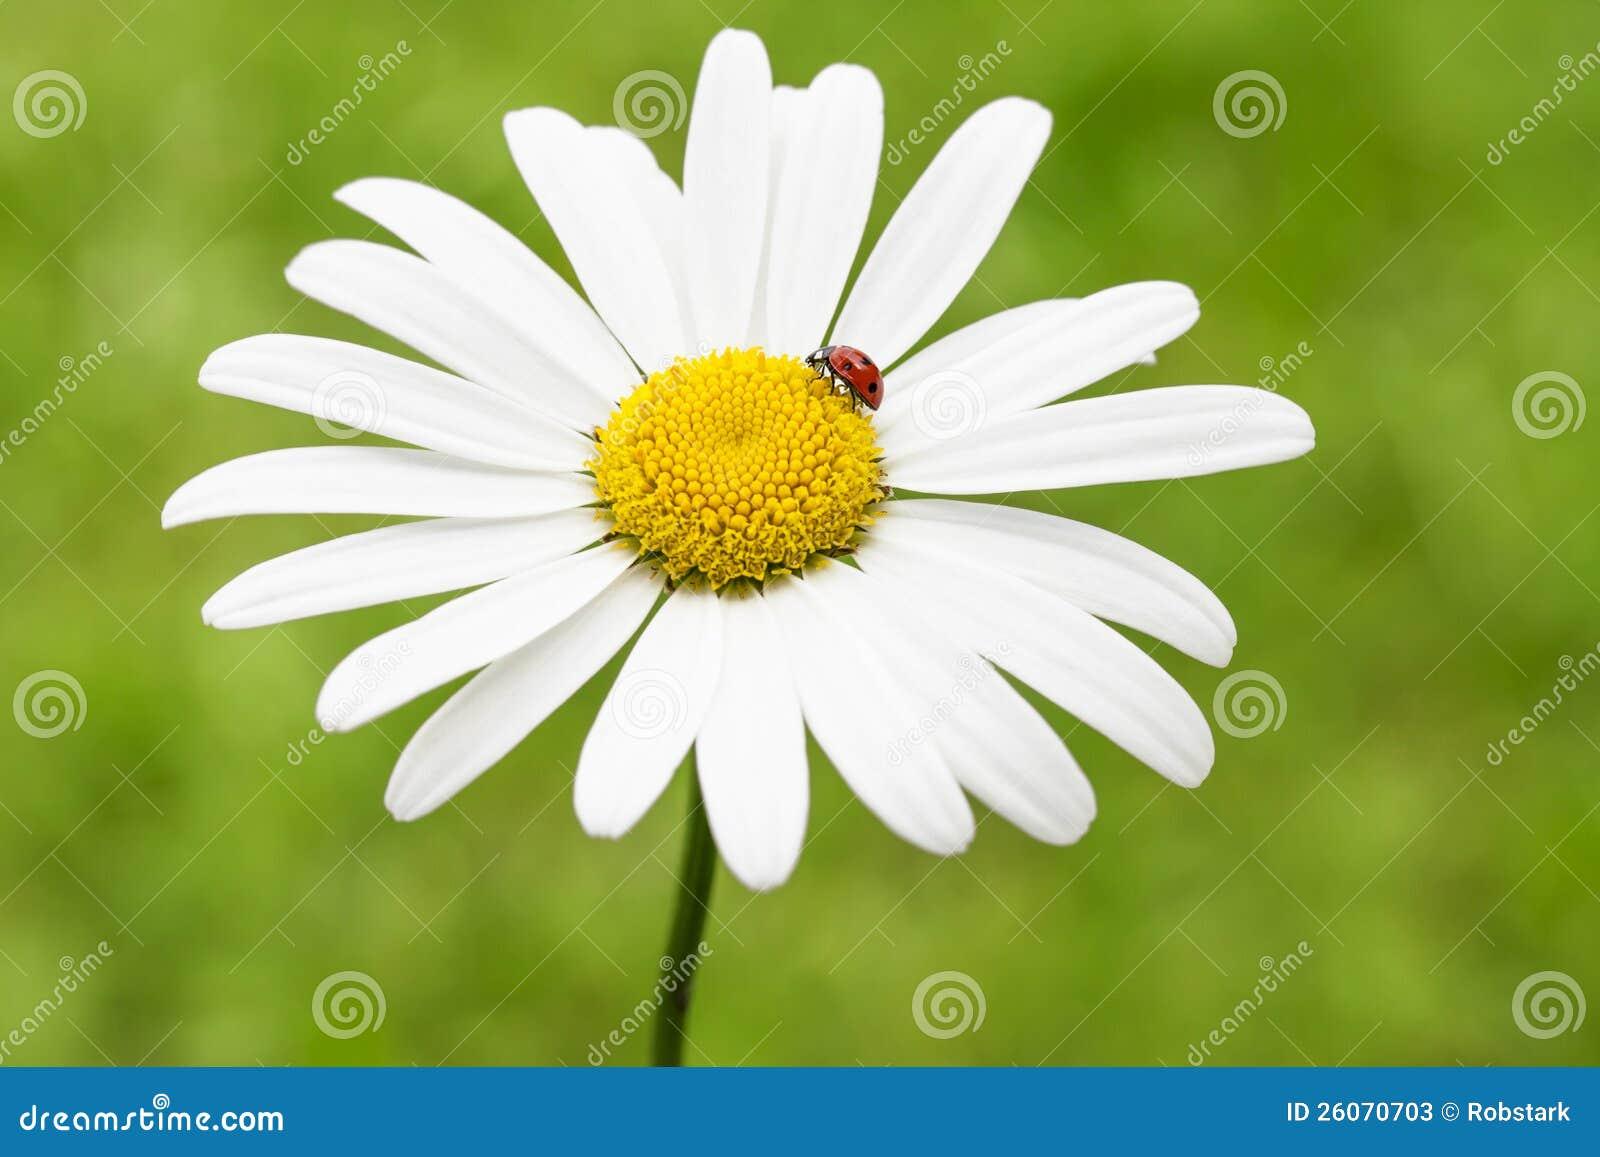 Marienkafer Auf Einem Ganseblumchen Stockbild Bild Von Schonheit Hell 26070703